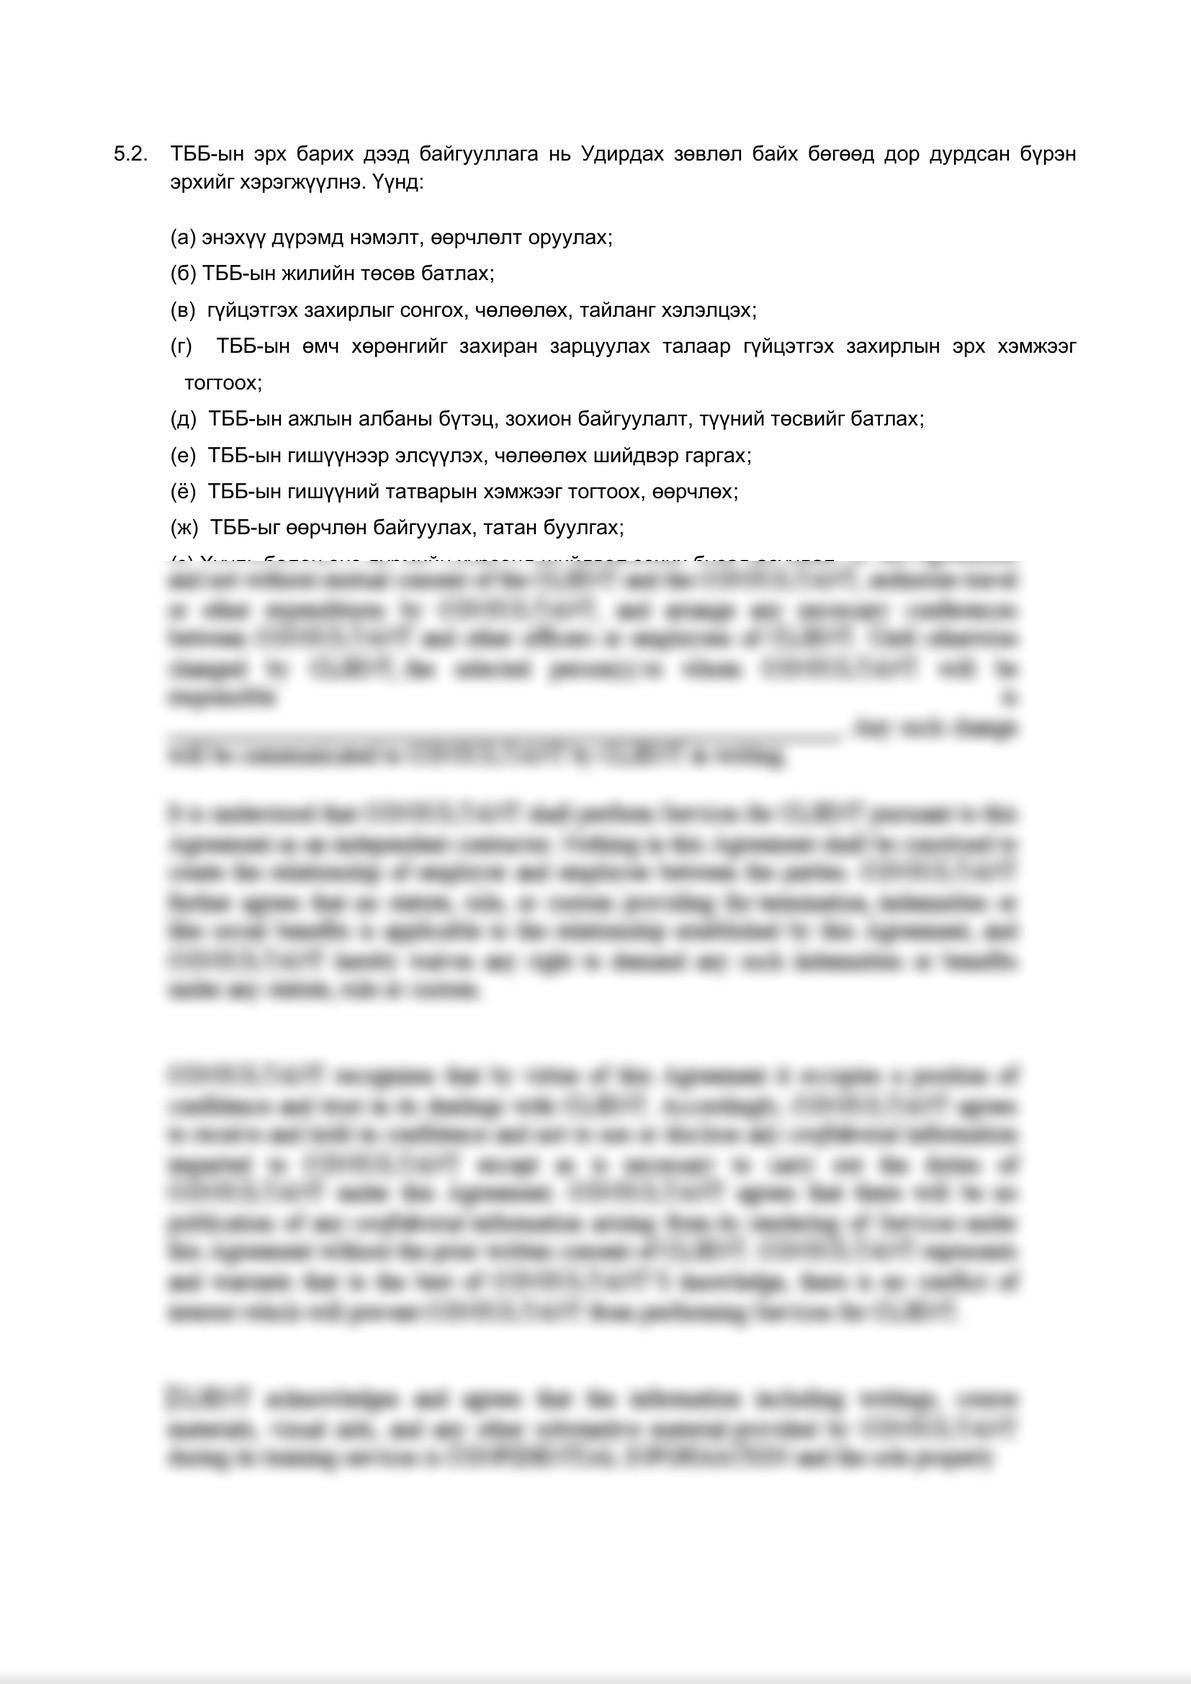 Төрийн бус байгууллагын дүрмийн төсөл-1